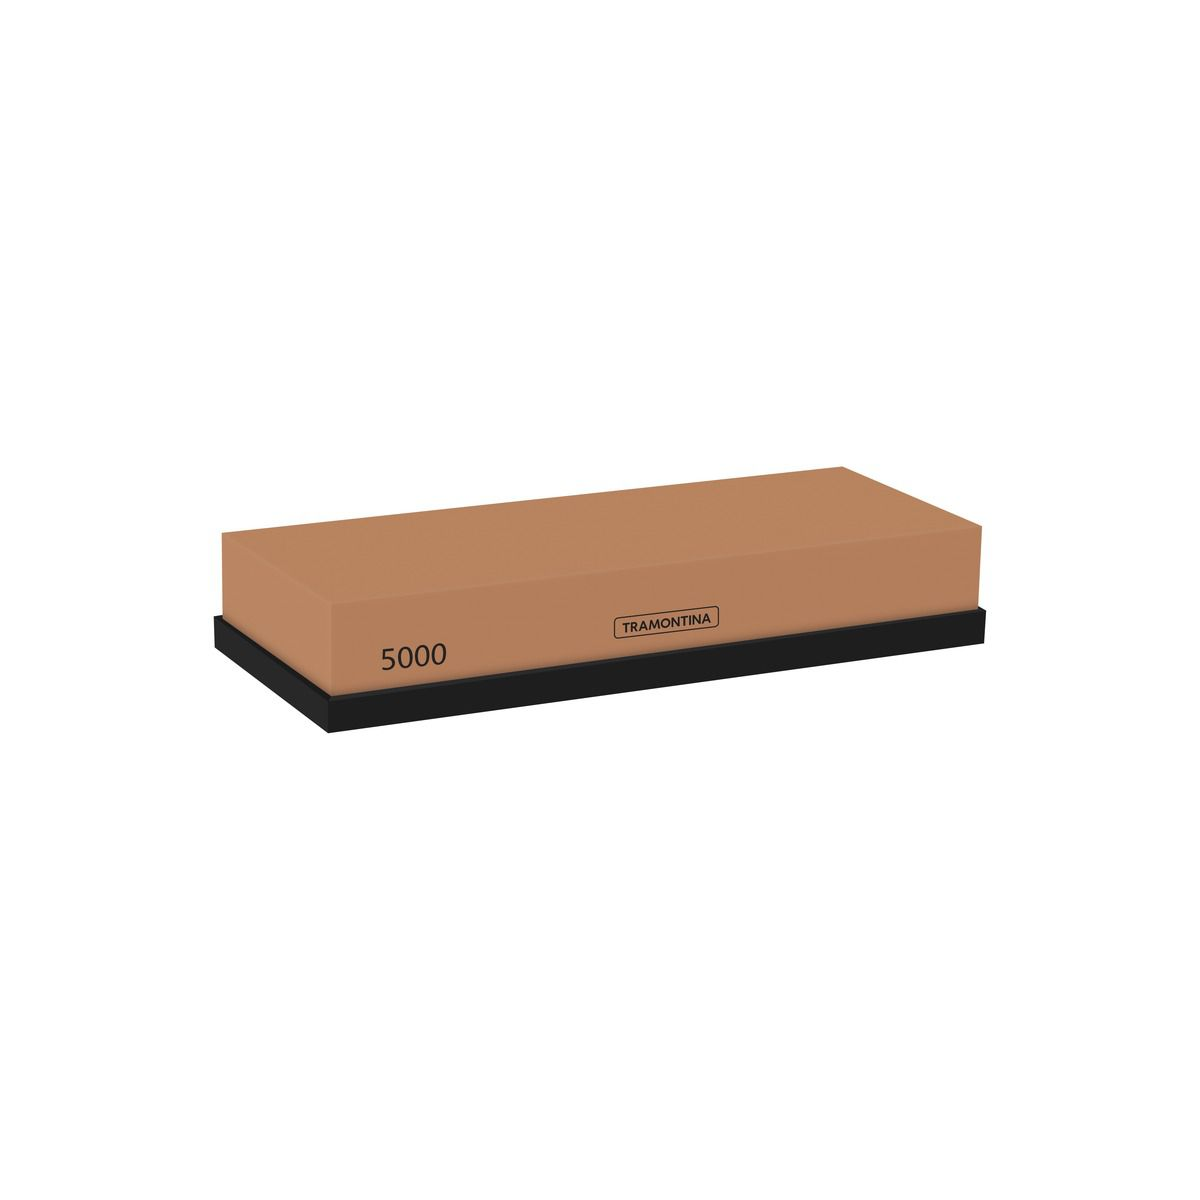 Pedra para Afiar Tramontina com Granulação 5000 e Suporte Emborrachado 24034/000 | Lojas Estrela